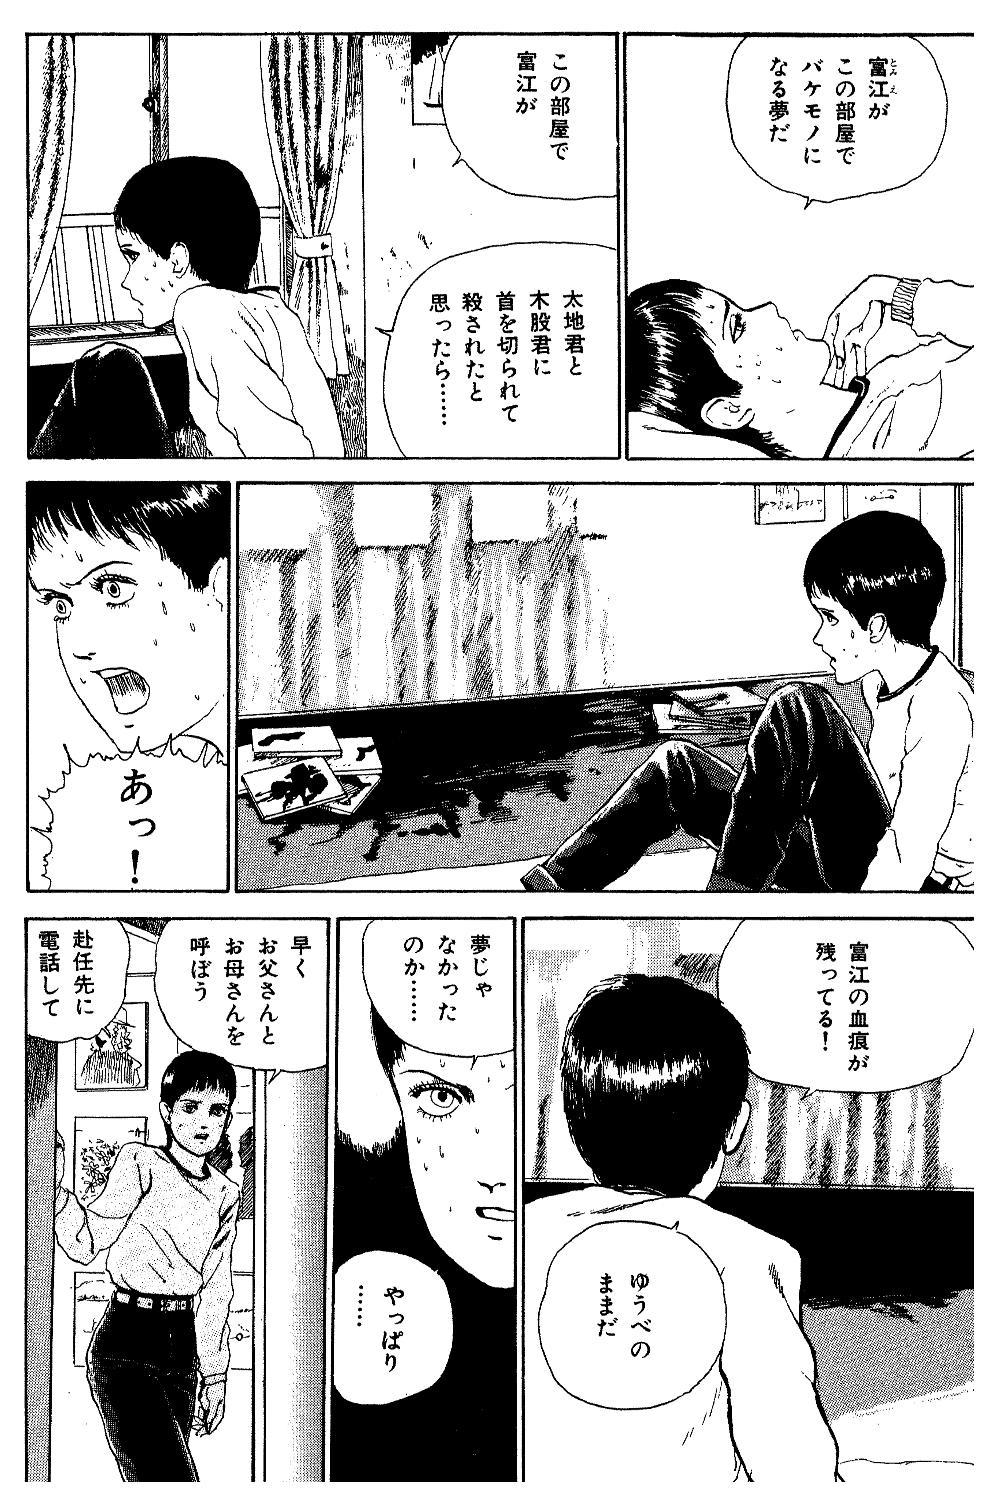 伊藤潤二傑作集 第5話「富江 接吻」①junji15-04.jpg